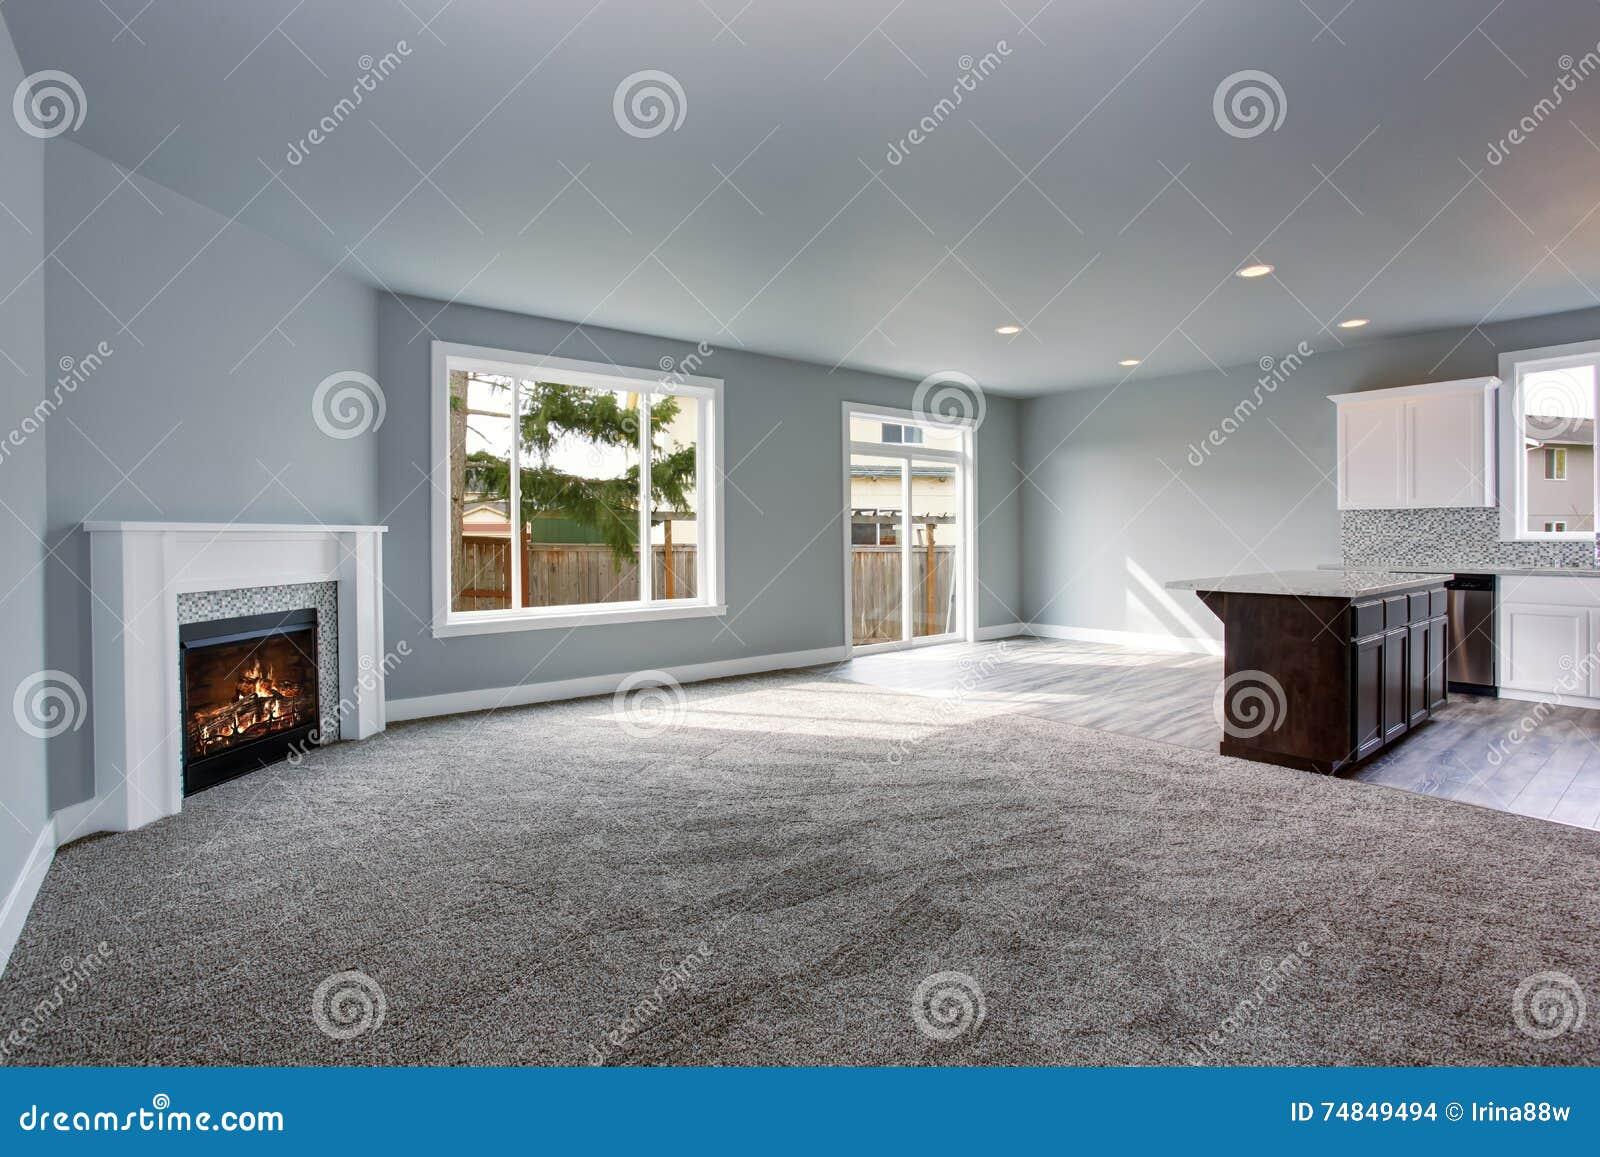 Interni Casa Grigio : L interno grigio della casa del salone si è collegato con la